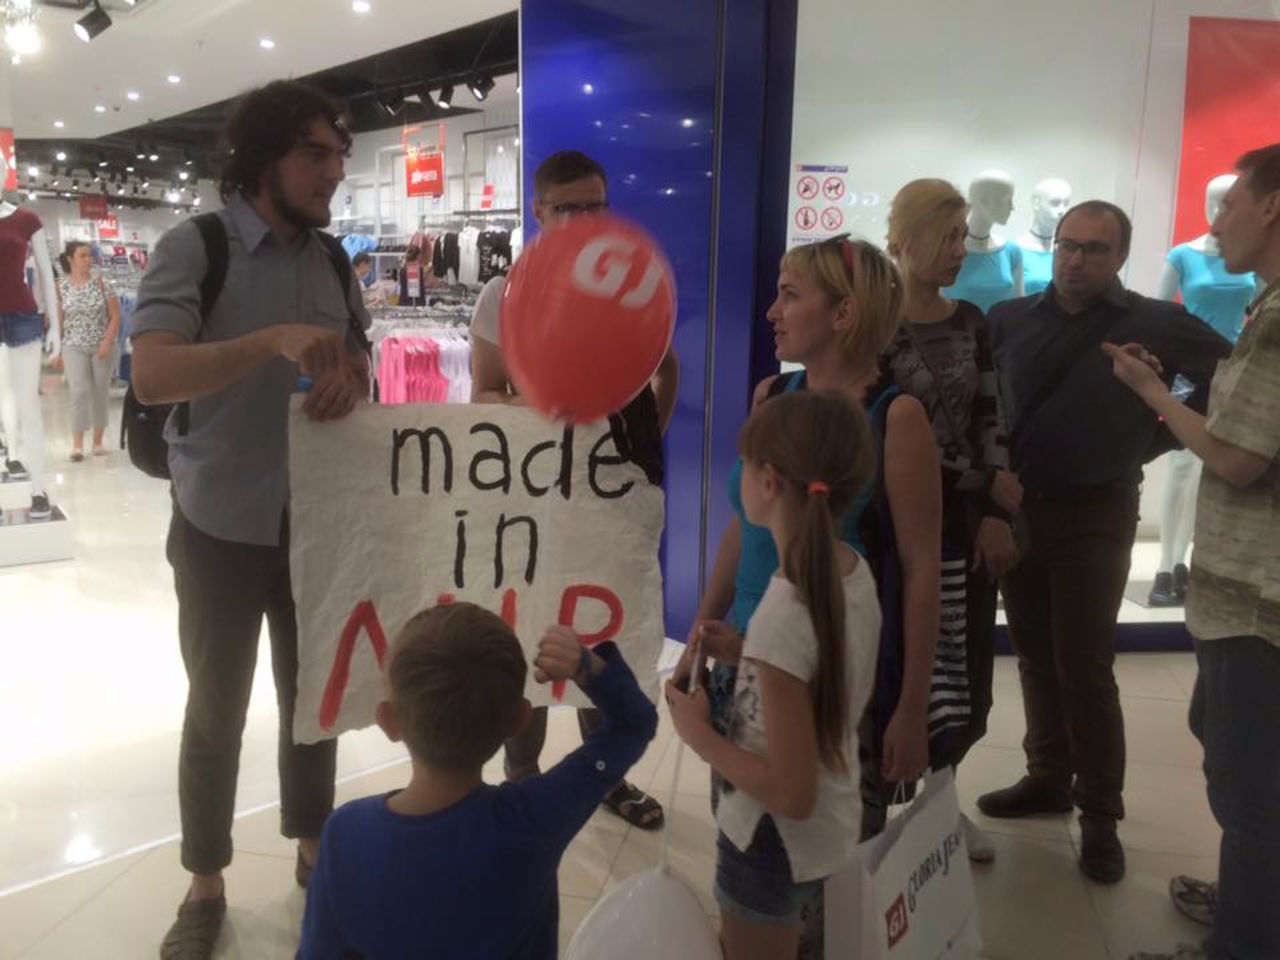 ВКиеве устроили пикет против открытия магазина Gloria Jeans